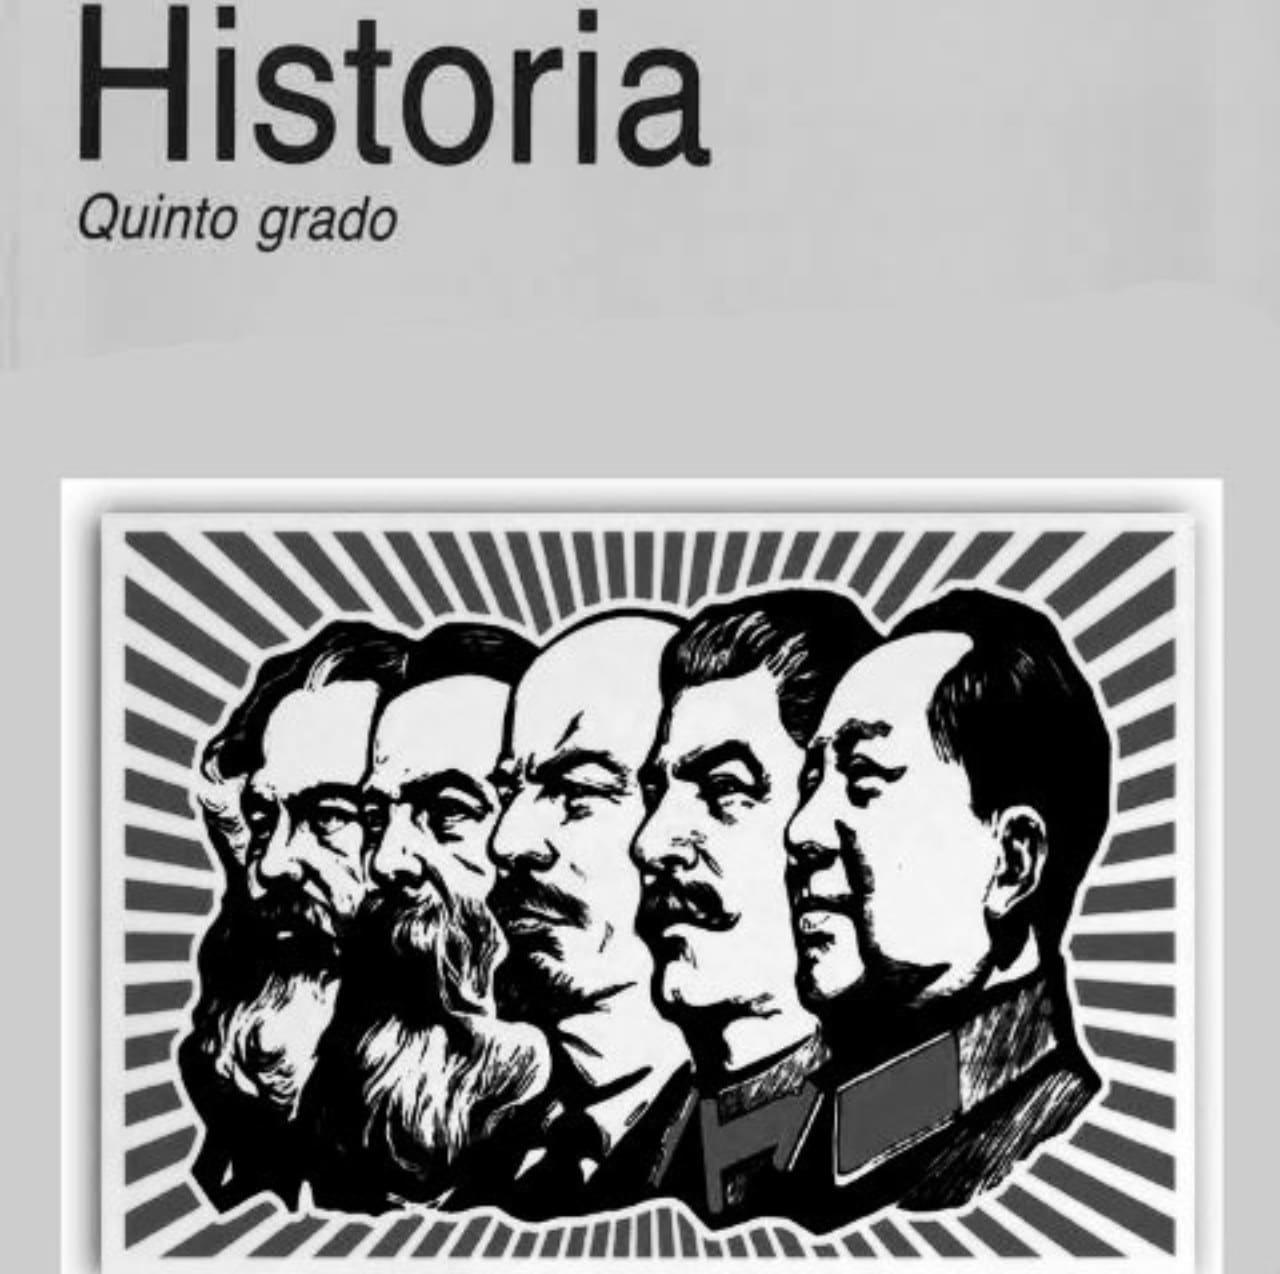 Libros de texto comunistas Fernanda Familiar